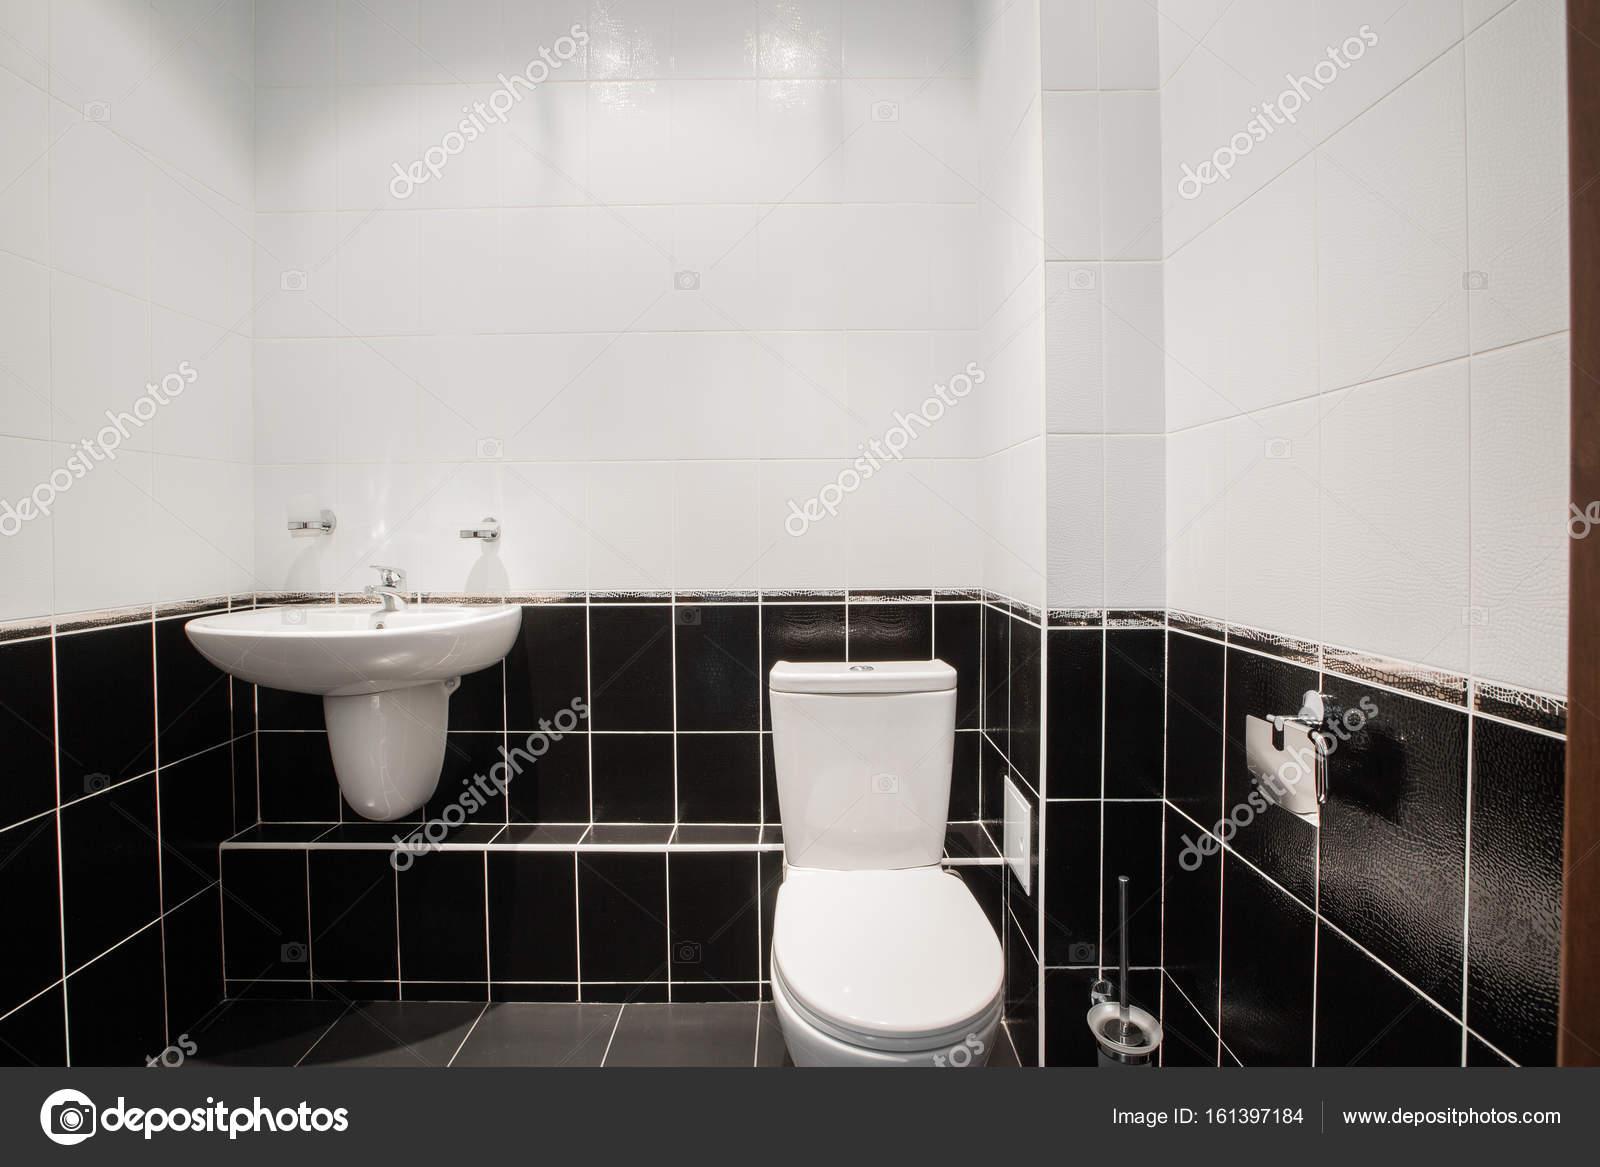 Moderne Luxus-Badezimmer mit Badewanne und Fenster. Interior ...